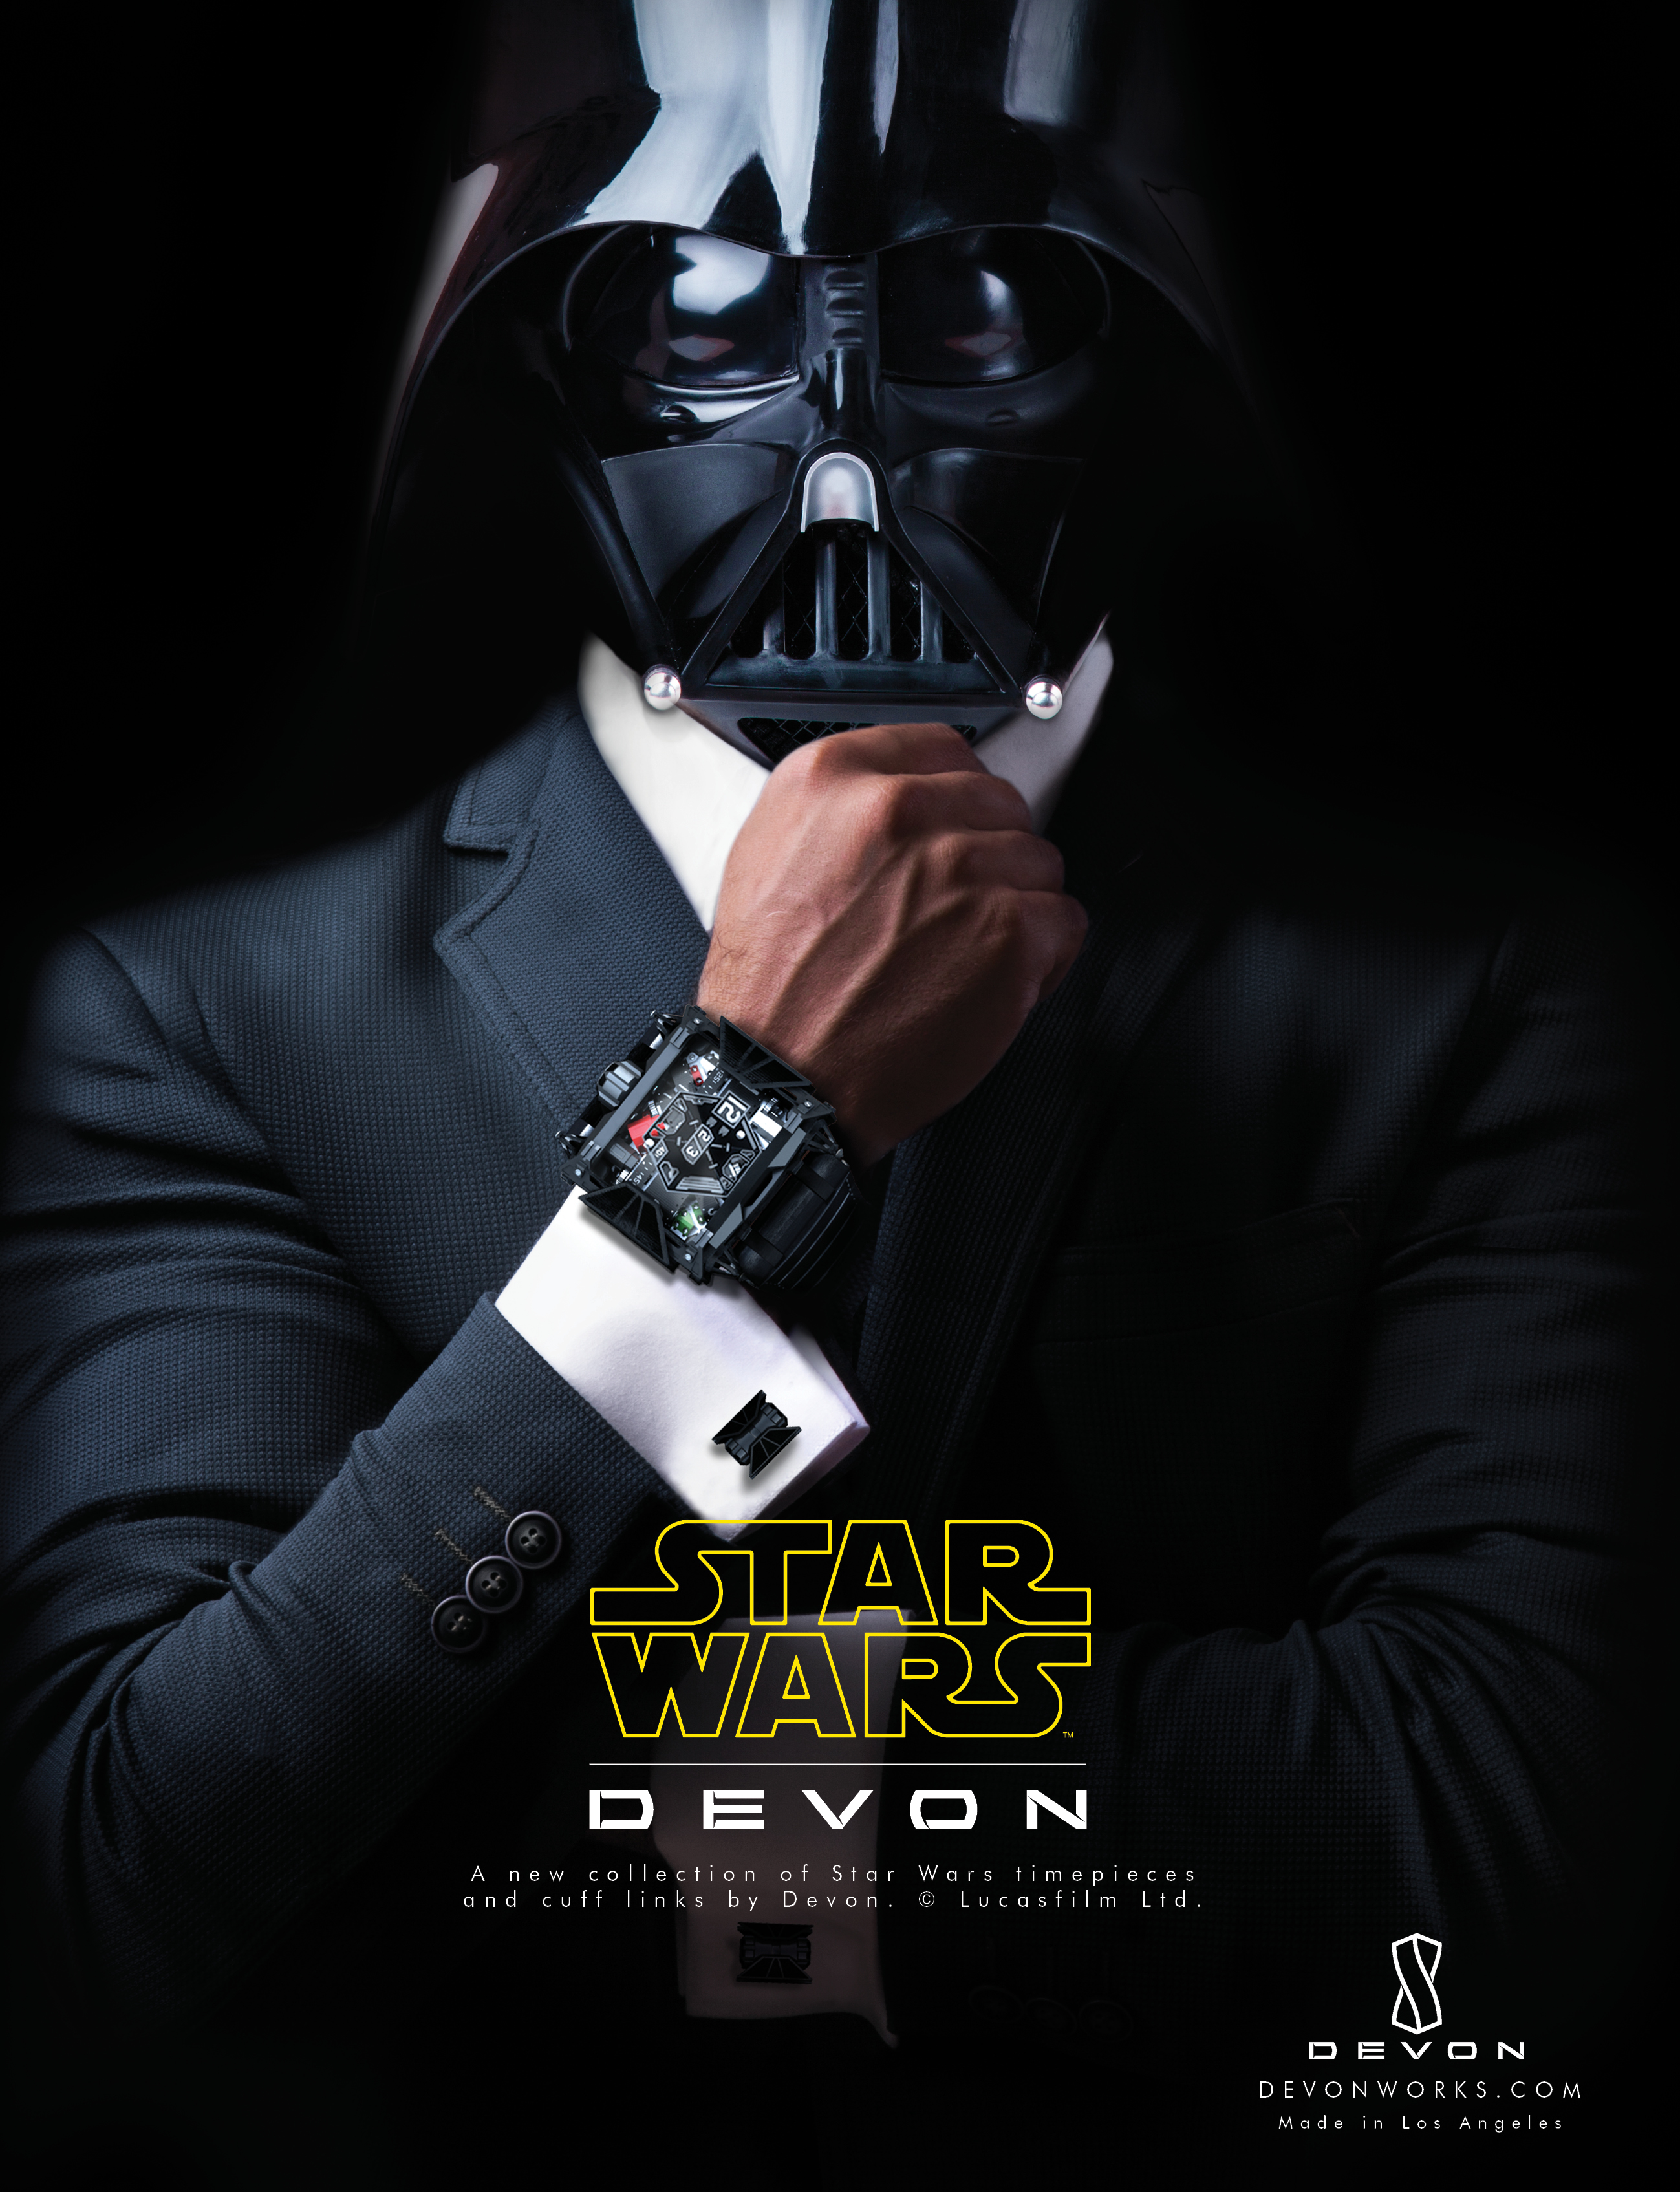 DEVON Star Wars Ad